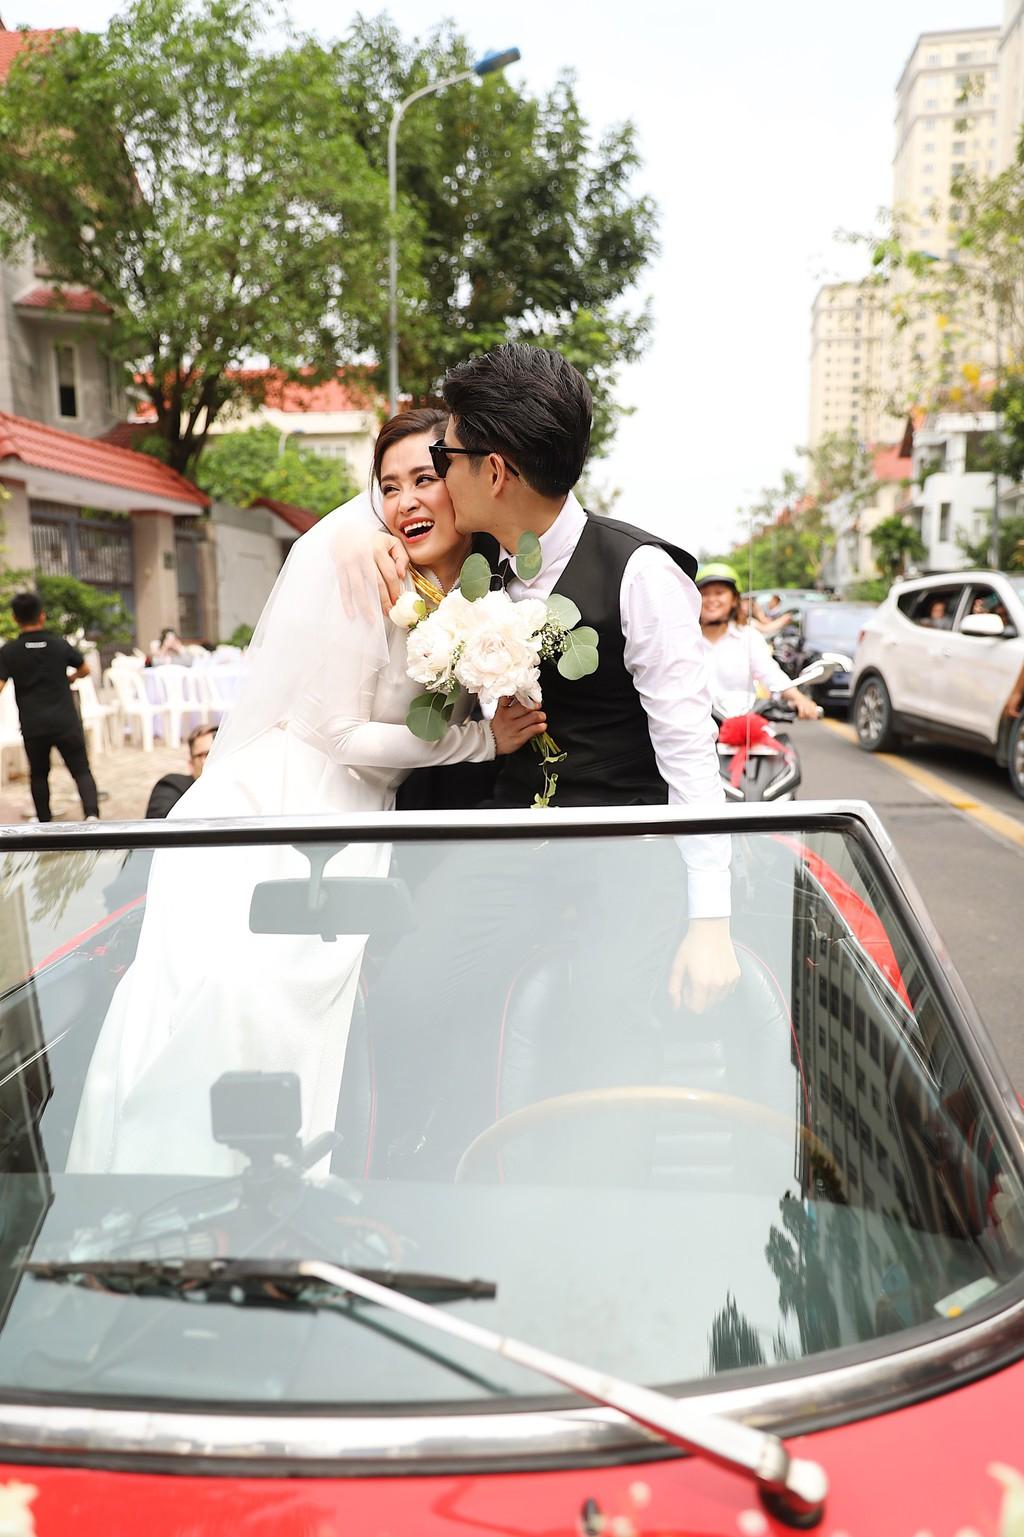 Toàn cảnh đám cưới thế kỷ Đông Nhi - Ông Cao Thắng: Cô dâu chú rể rạng rỡ, trao nhau nụ hôn thắm thiết - Ảnh 5